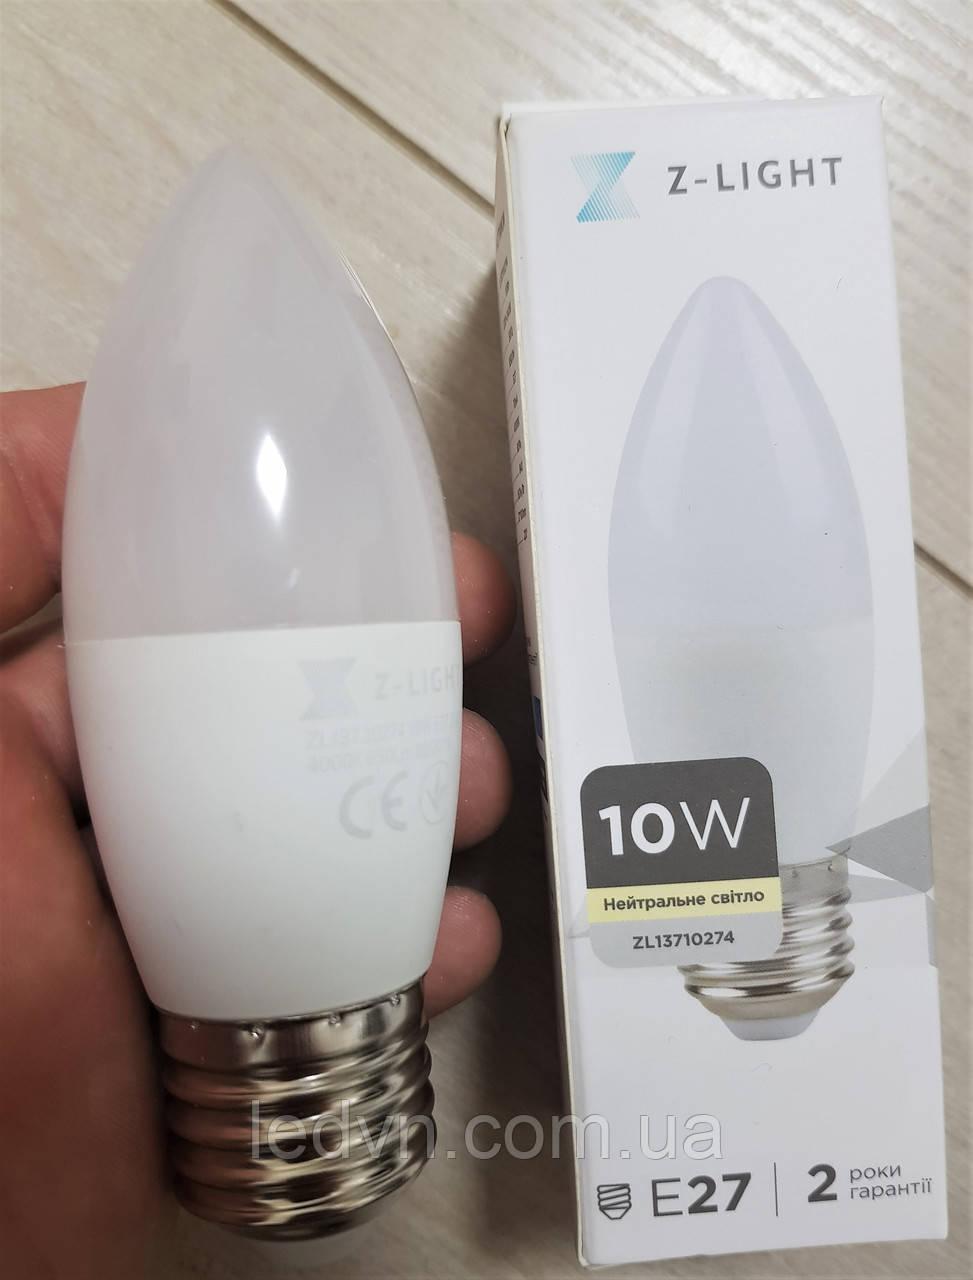 Лампа світлодіодна Z-light 10W